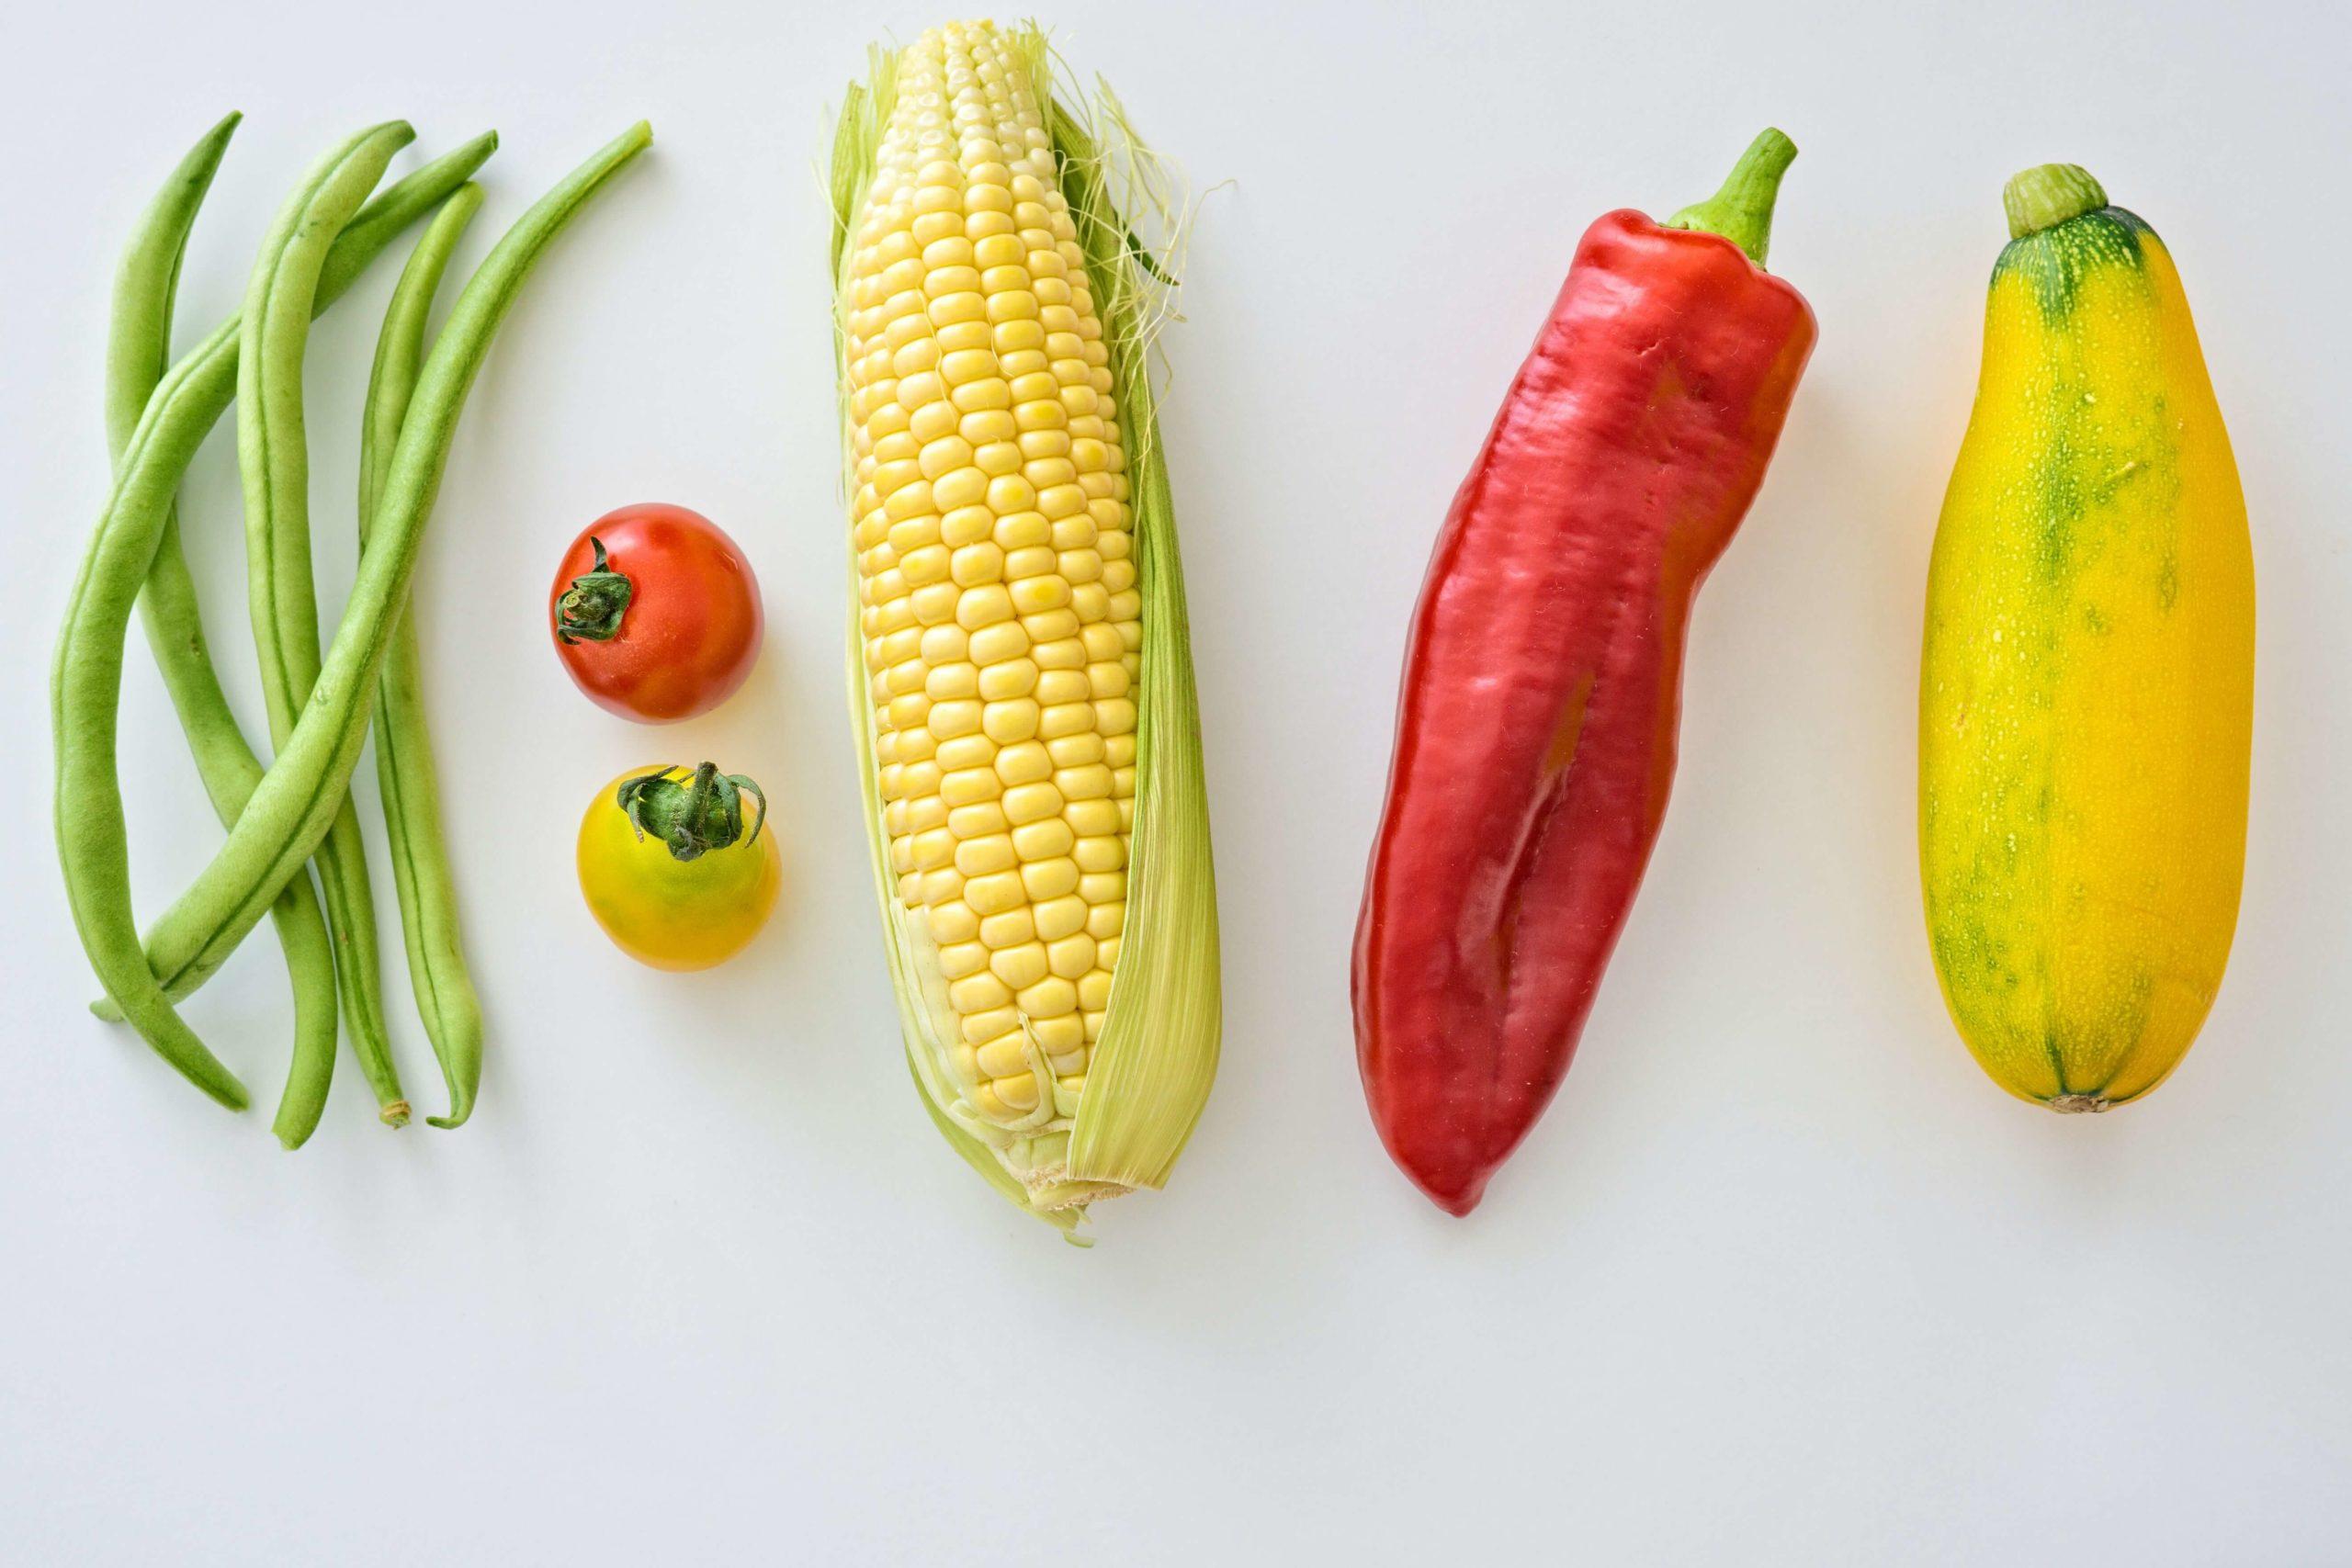 How To Start Vegetable Gardening For Beginners